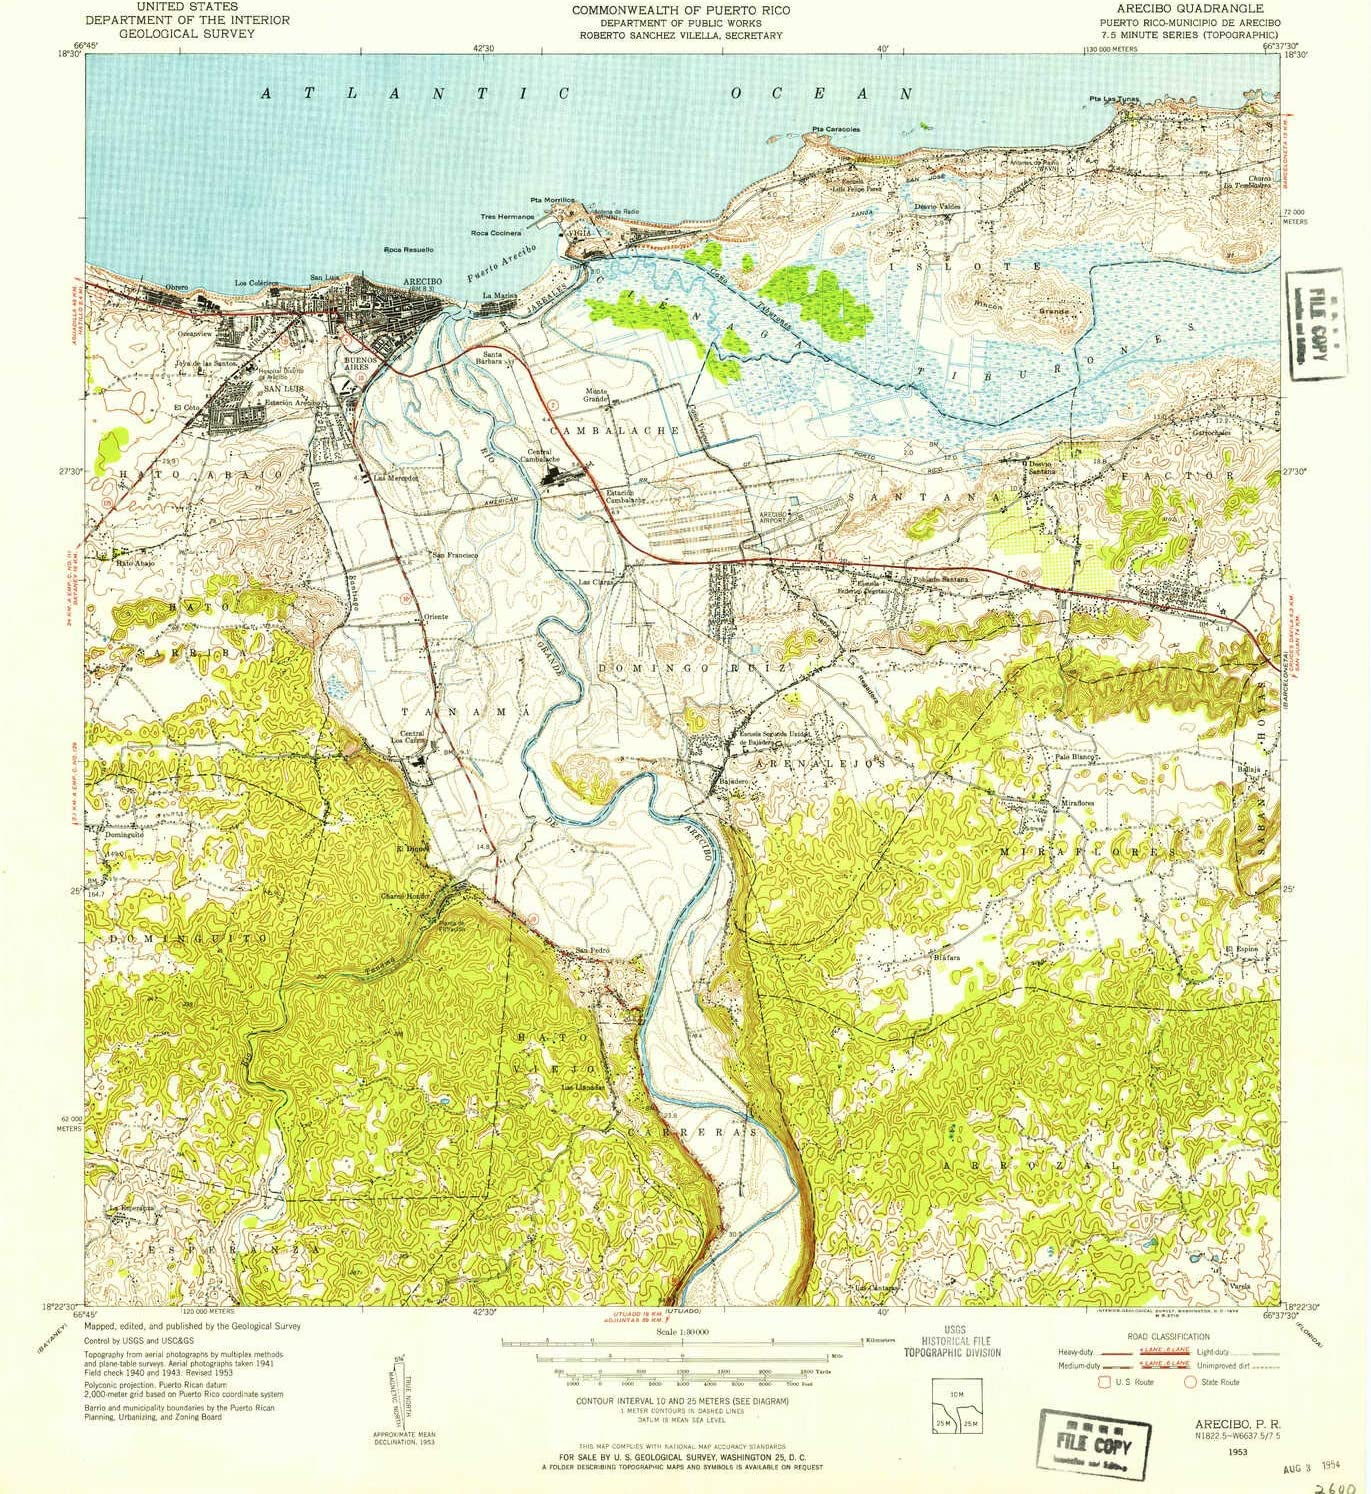 YellowMaps Arecibo Louisville-Jefferson County Mall Ranking TOP18 PR topo map X Scale 1:30000 7.5 Minute